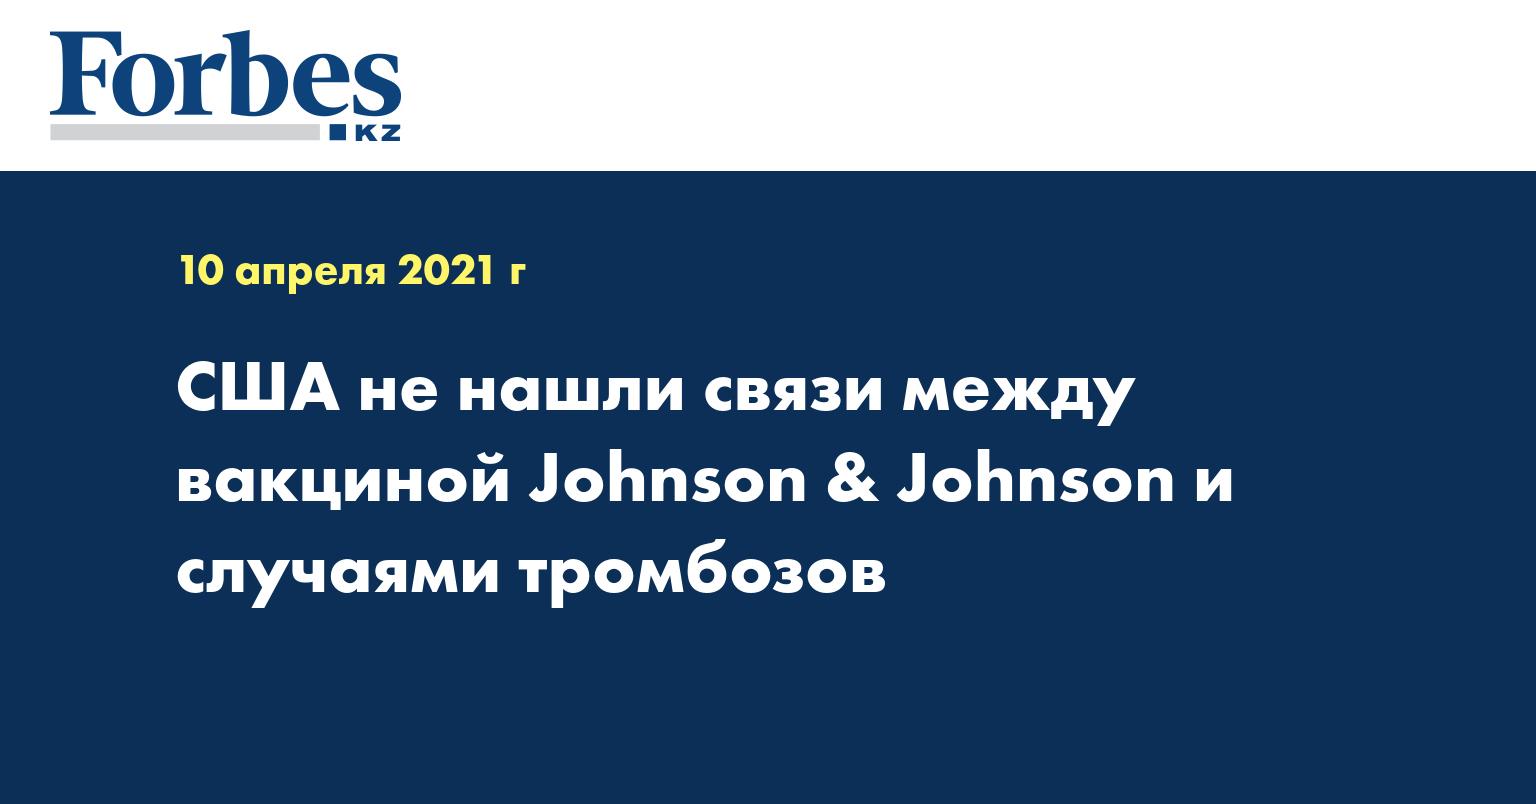 США не нашли связи между вакциной Johnson & Johnson и случаями тромбозов